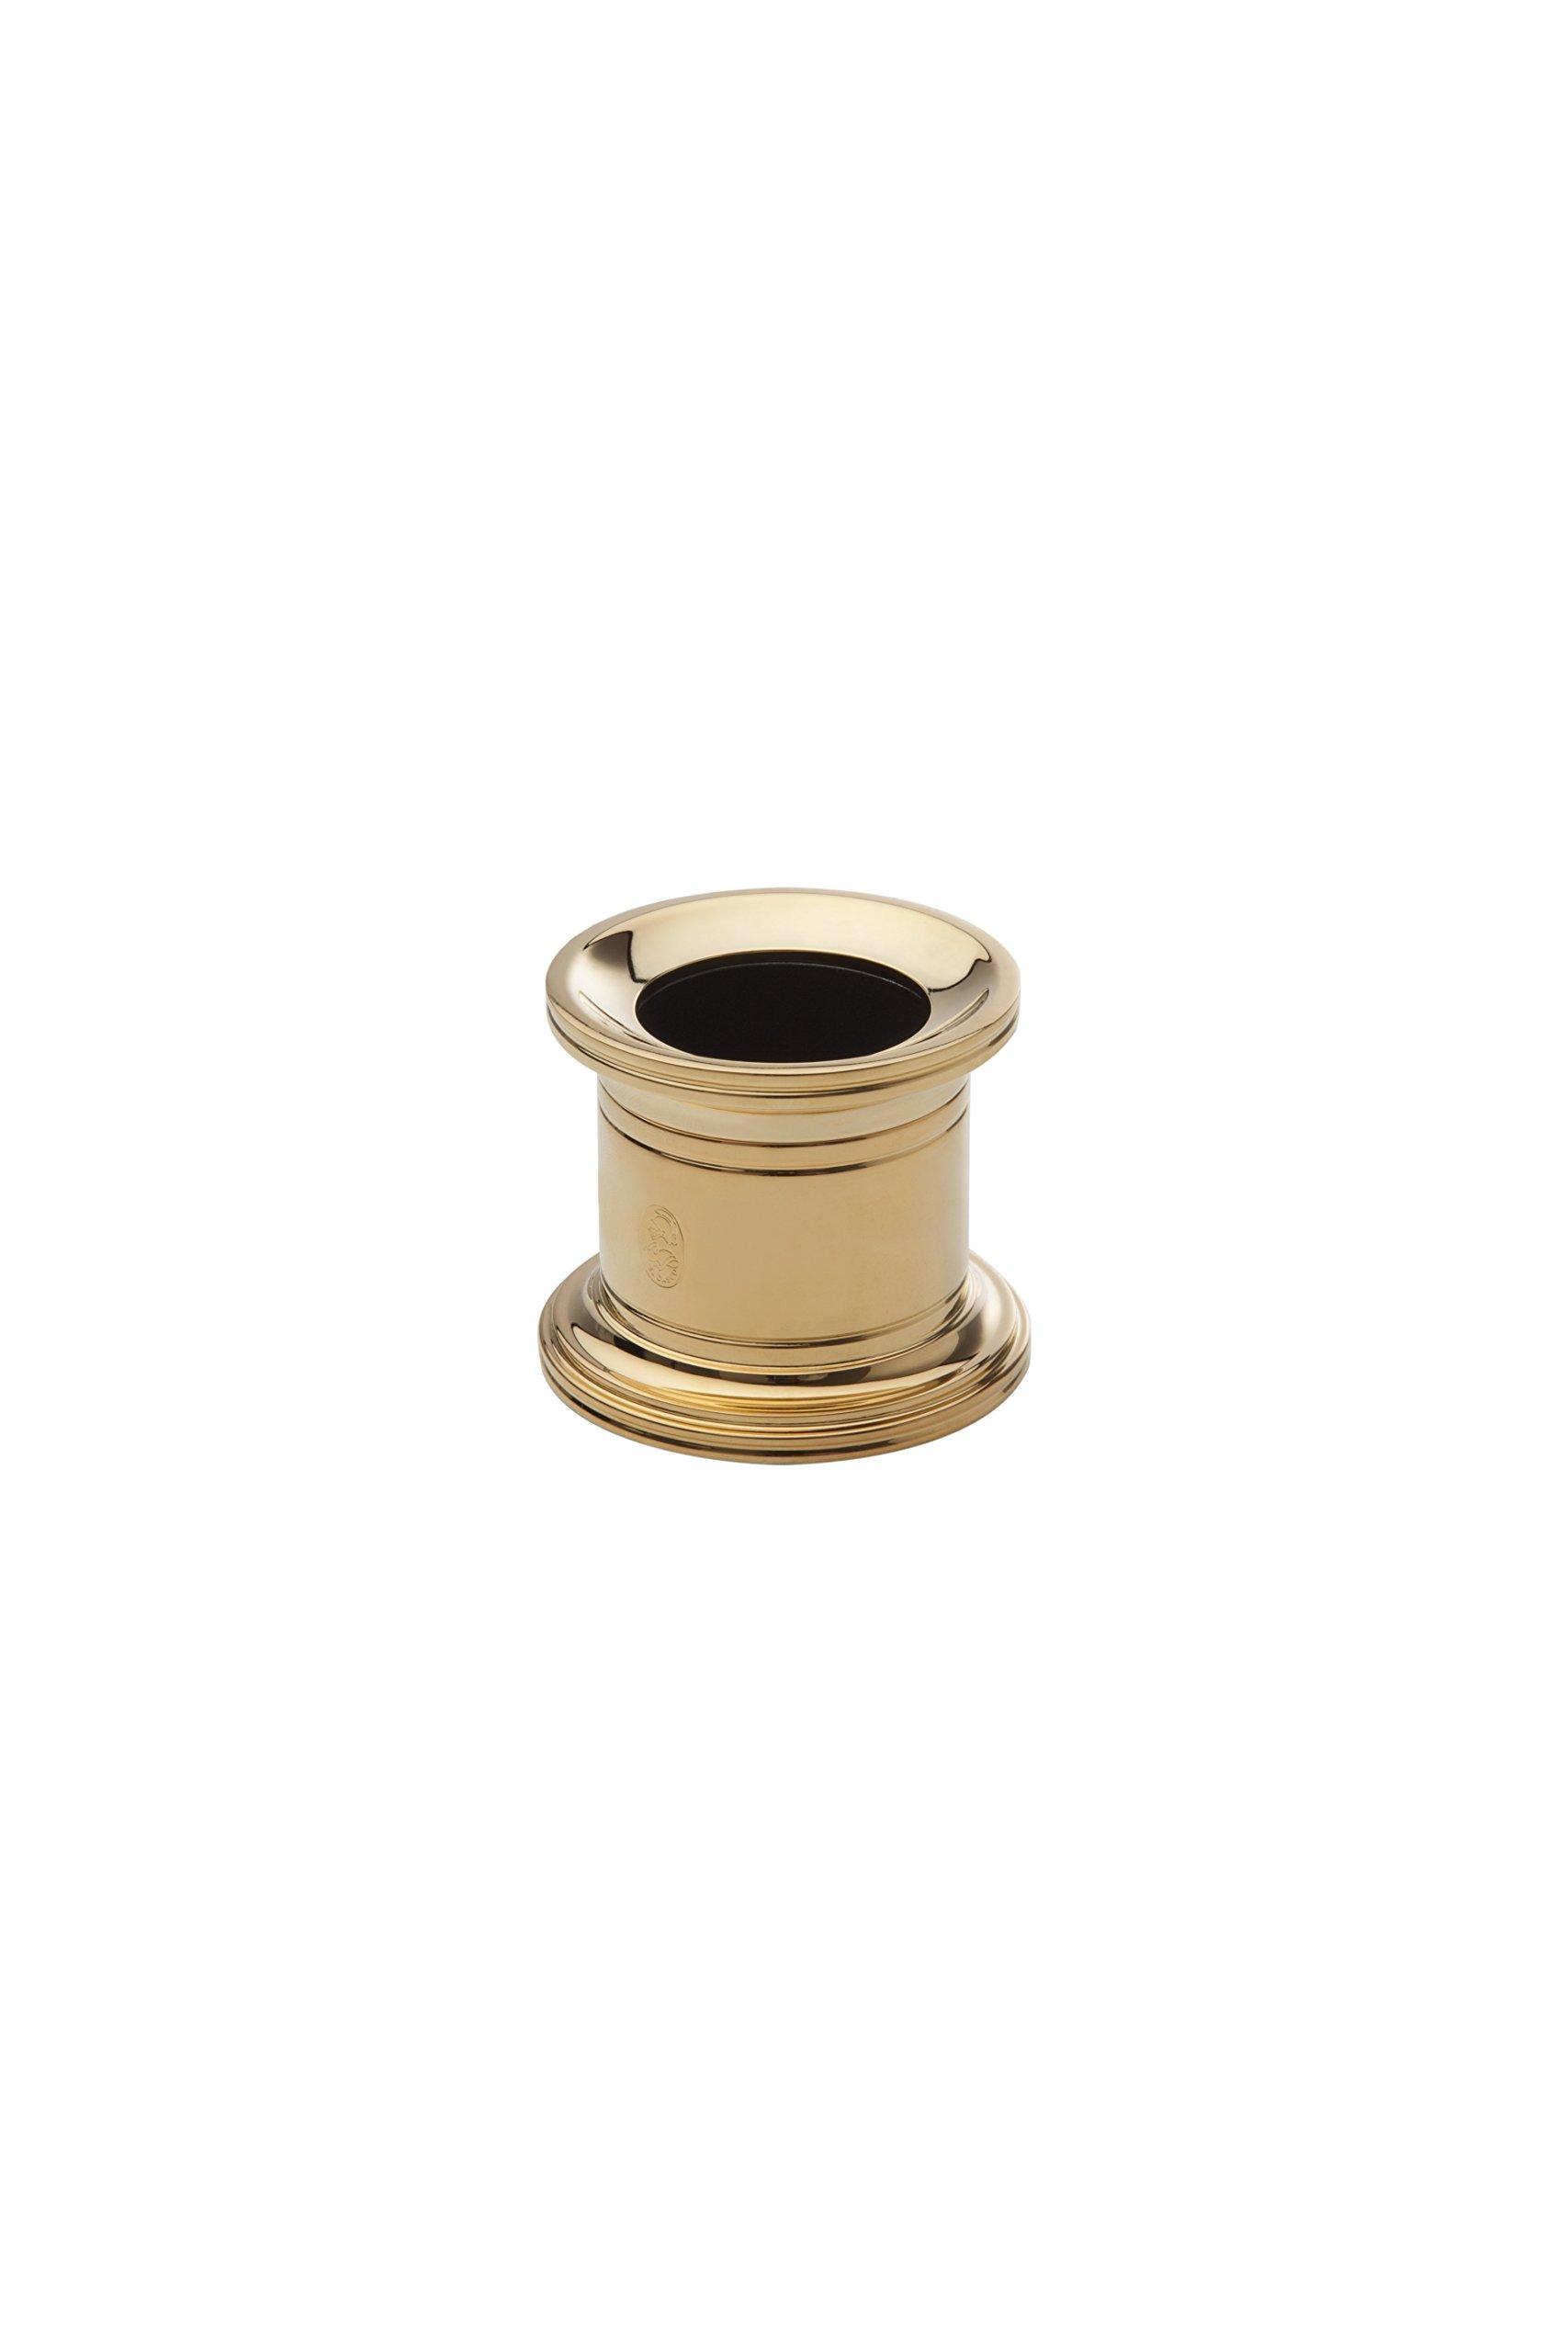 CLIPS MAGNET POT 23 KT GOLD